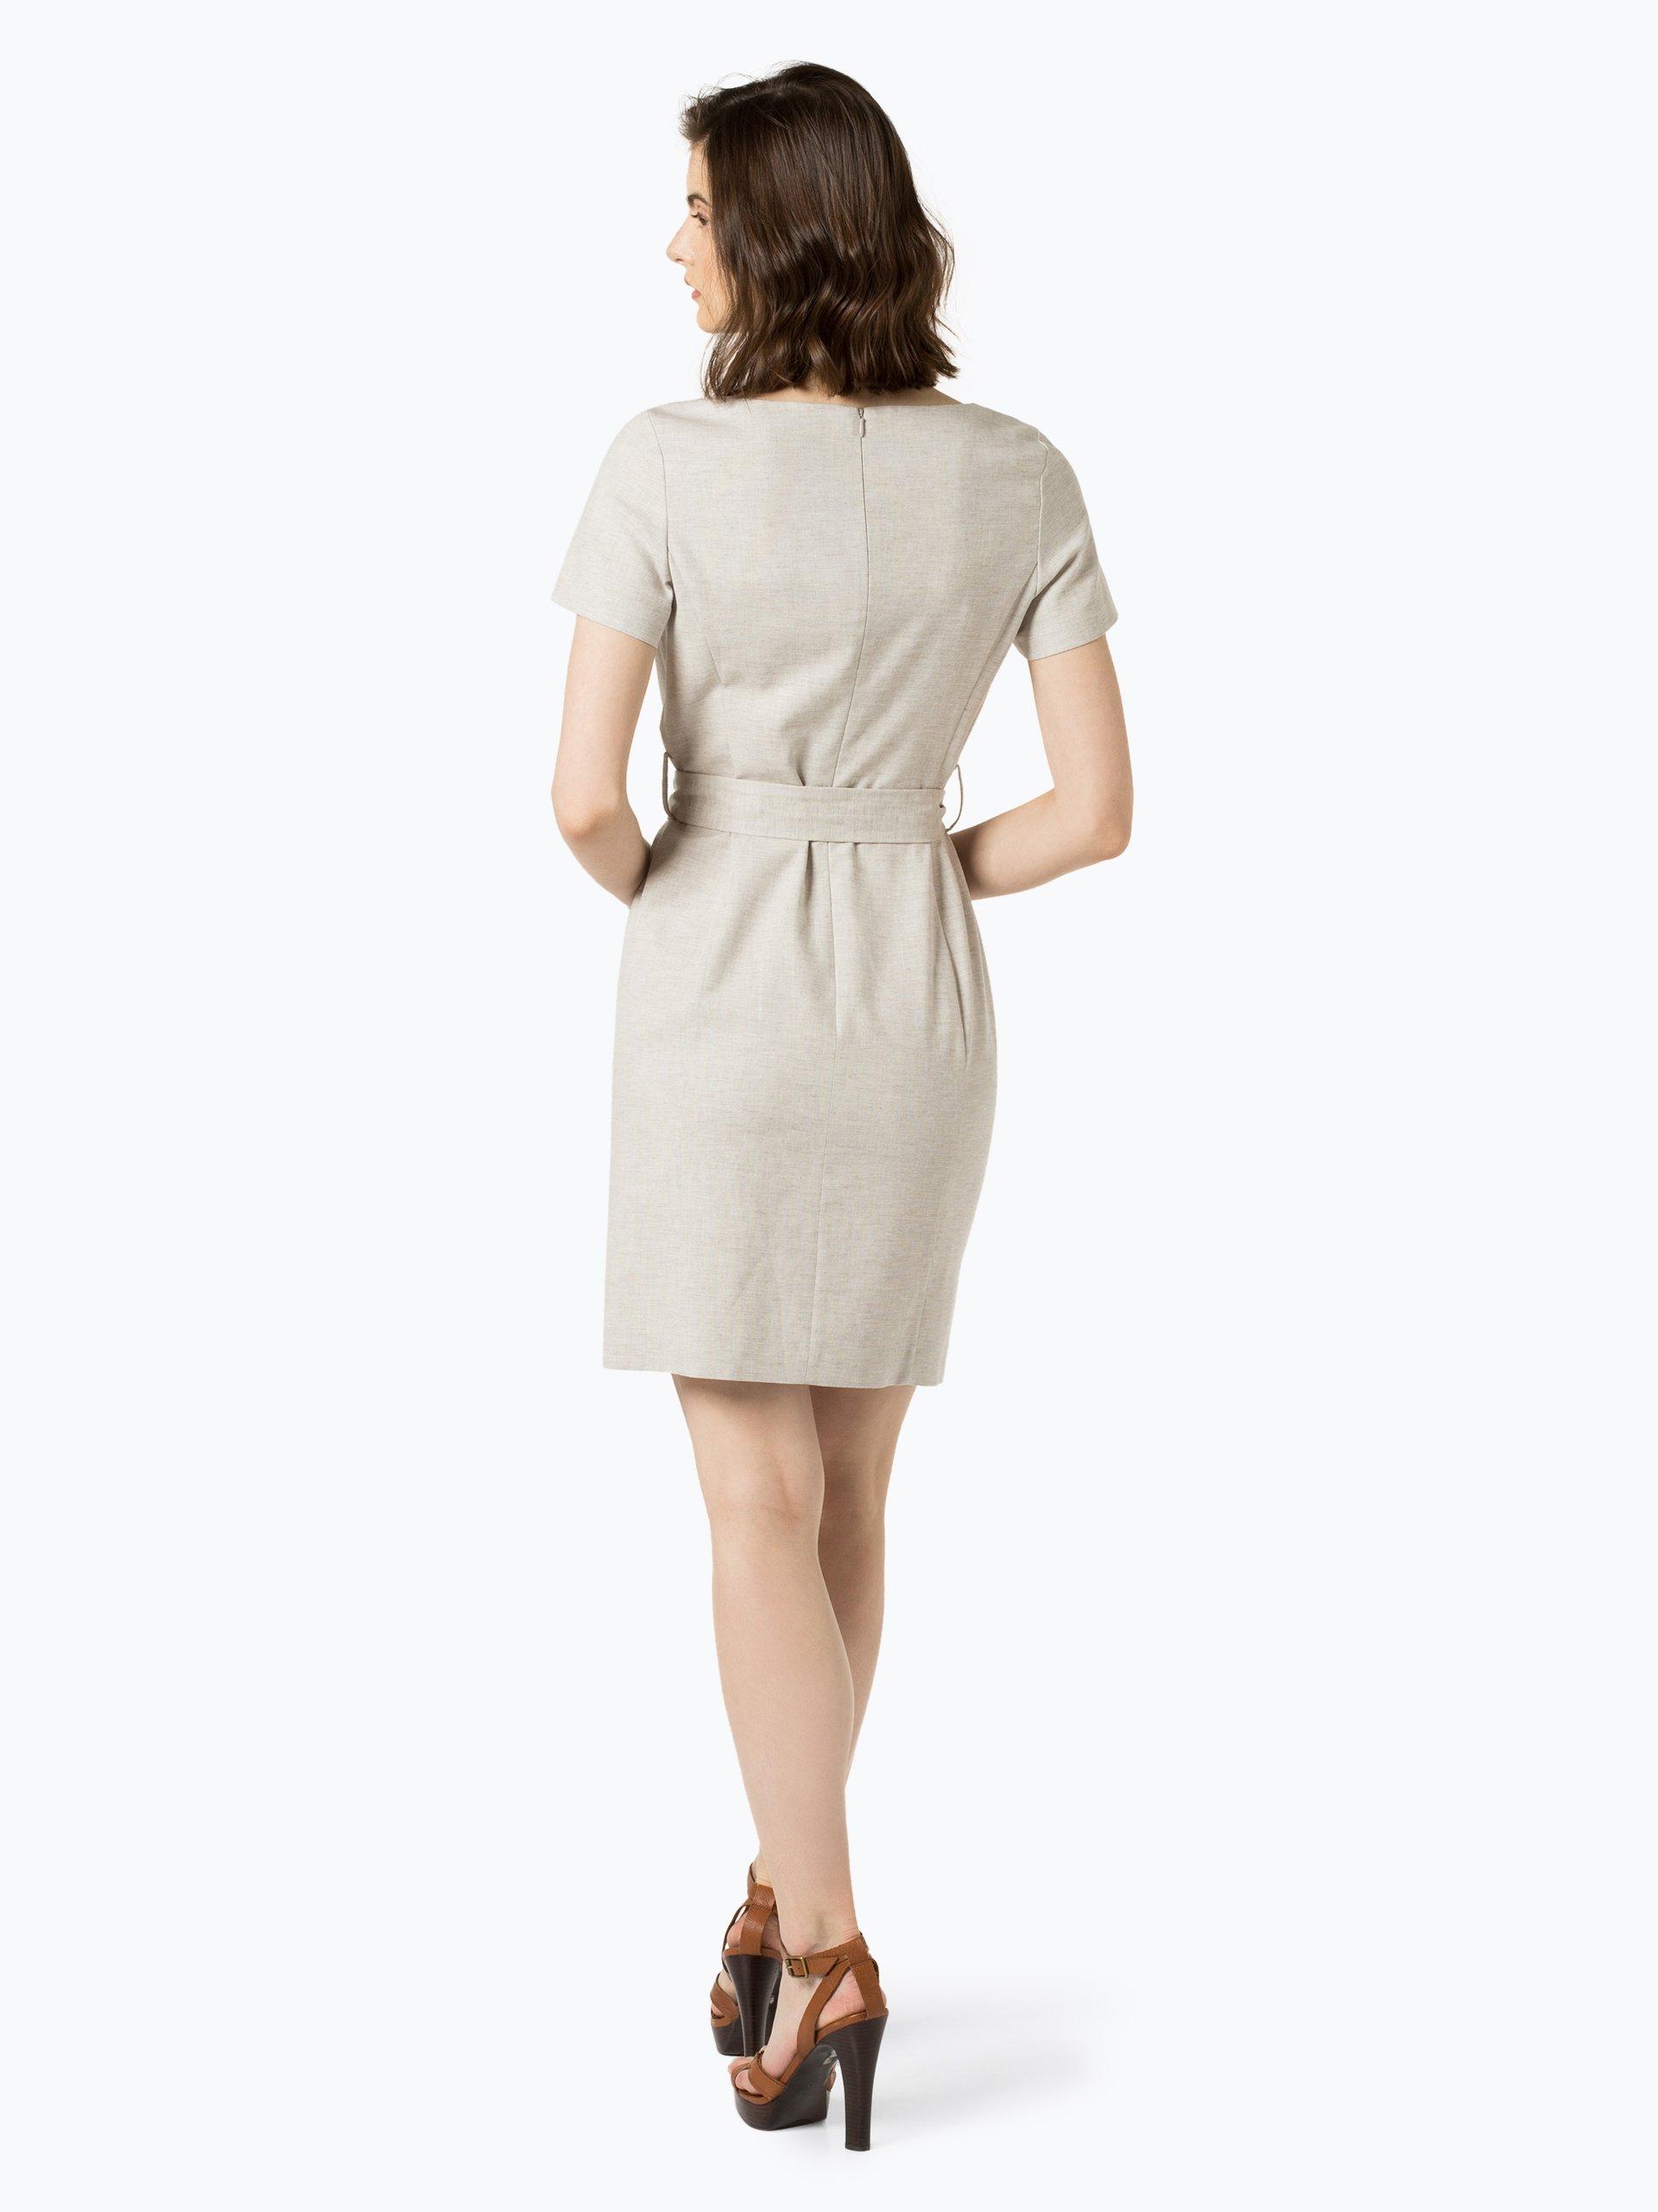 Marie Lund Damen Kleid mit Leinen-Anteil - Coordinates